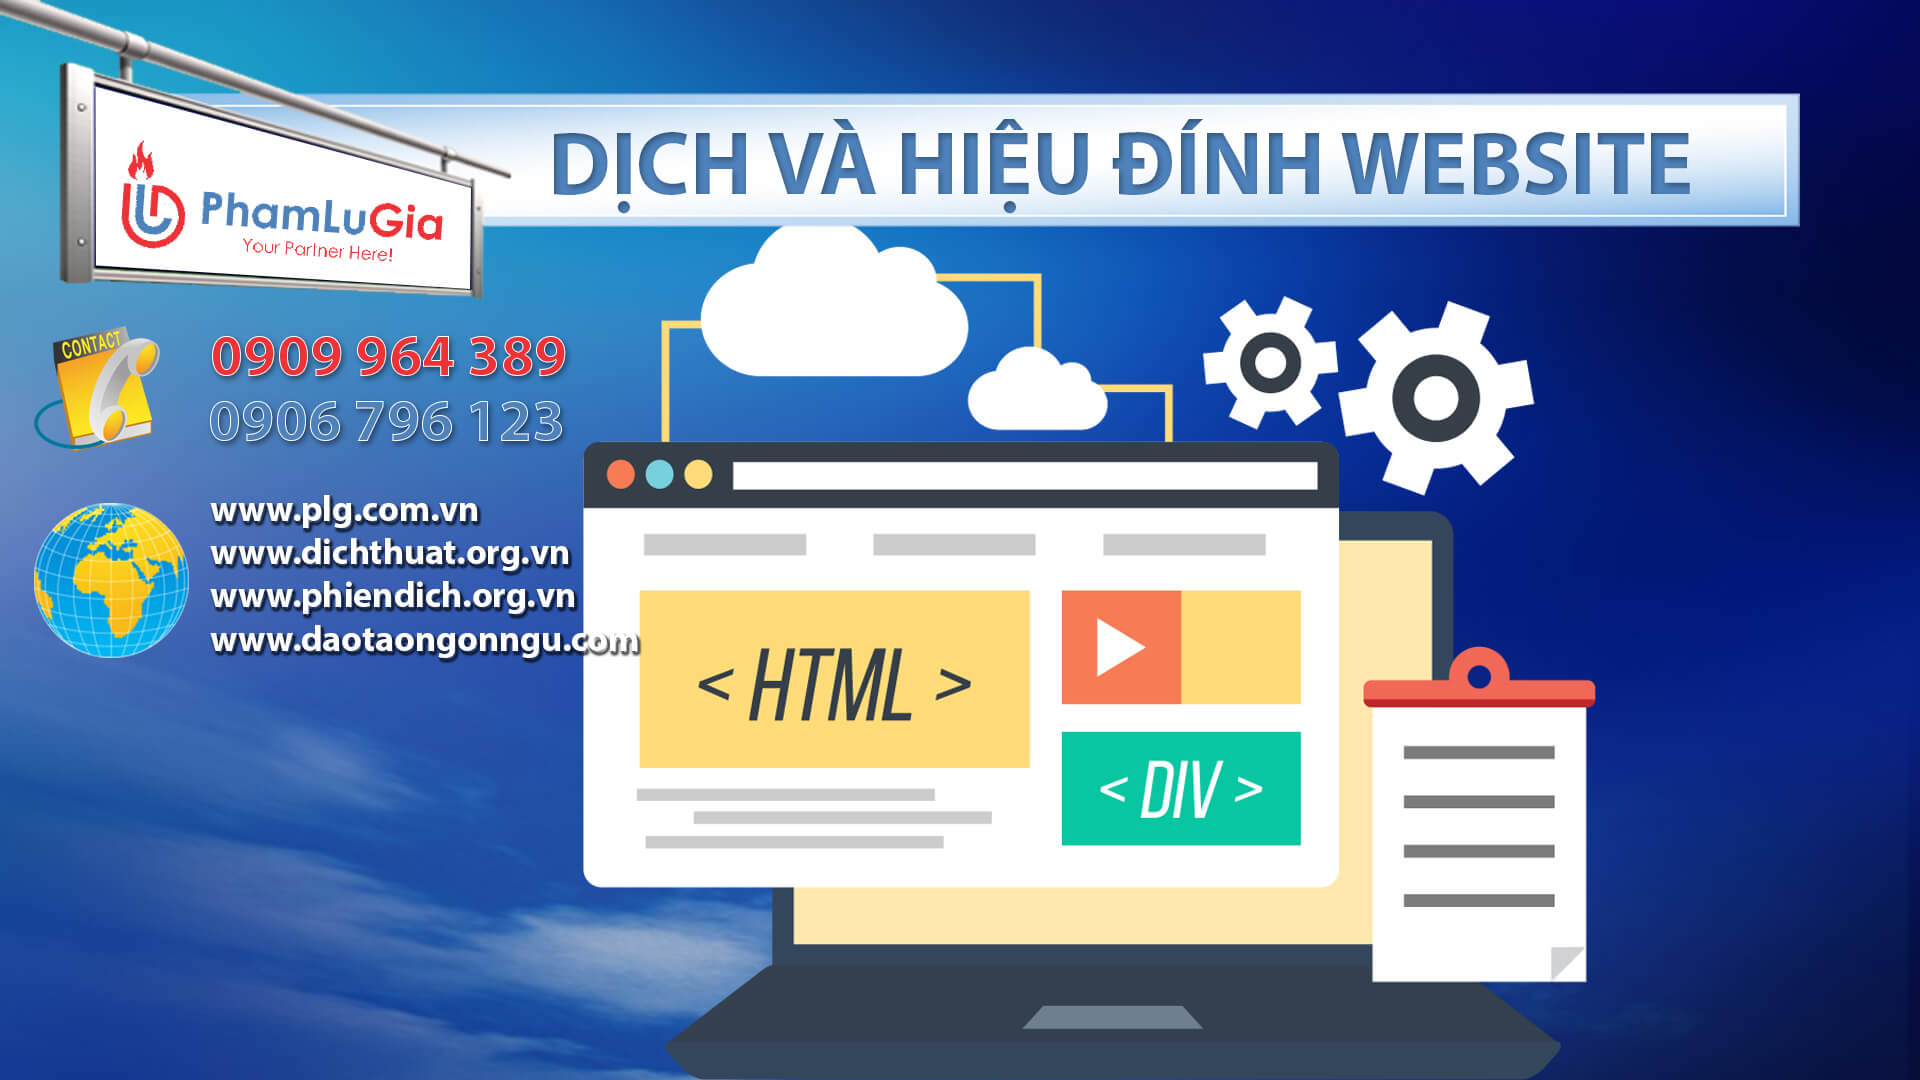 Dịch và hiệu đính website